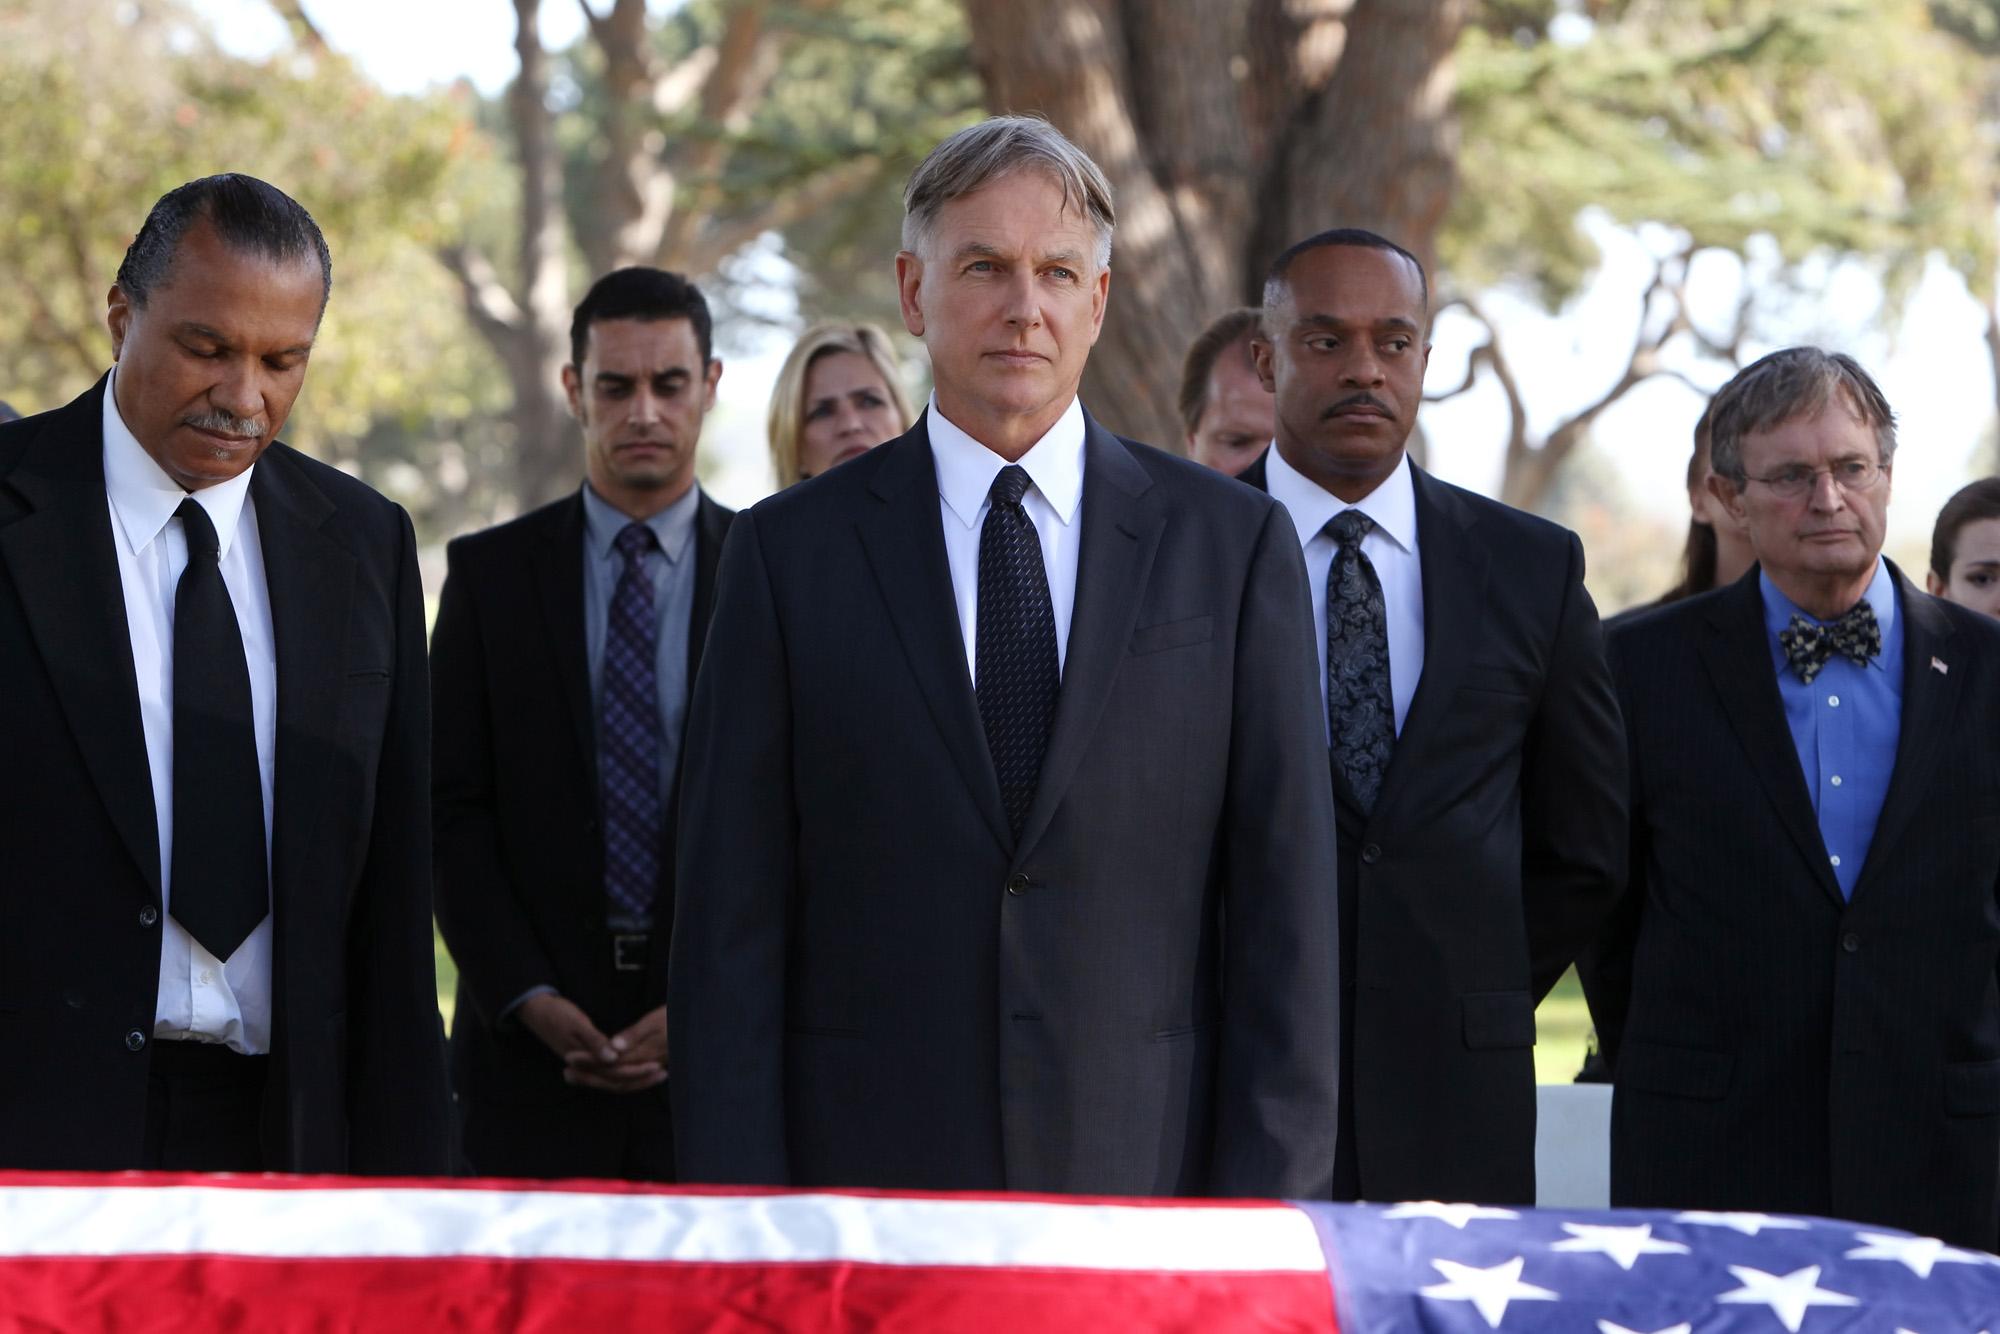 NCIS Season Finale Photos